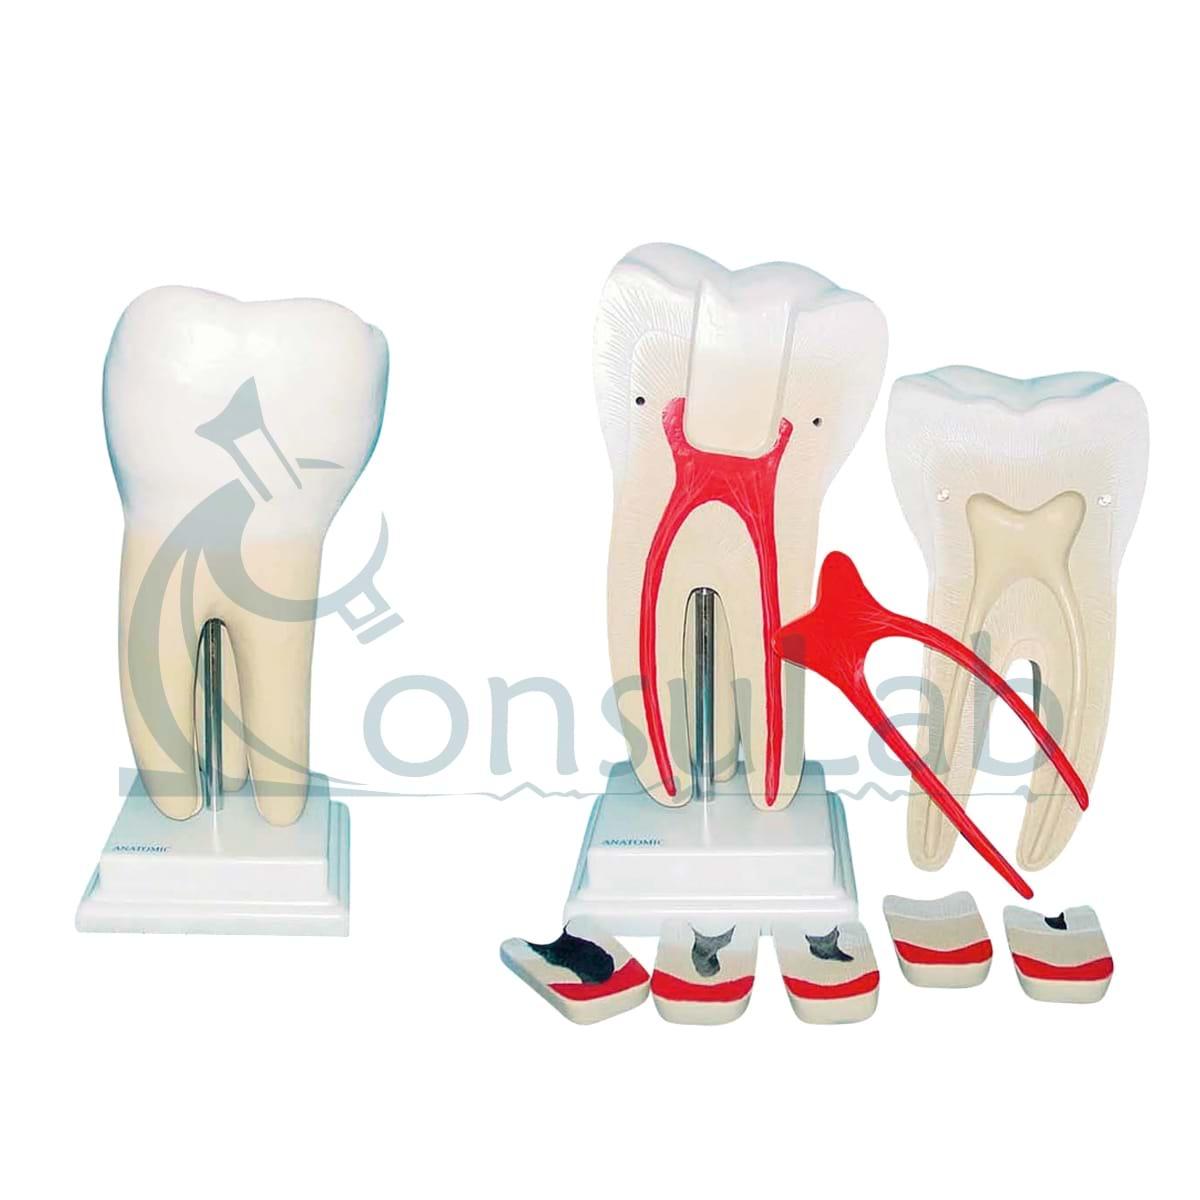 Dente Molar Ampliado com Evolução da Cárie em 8 Partes